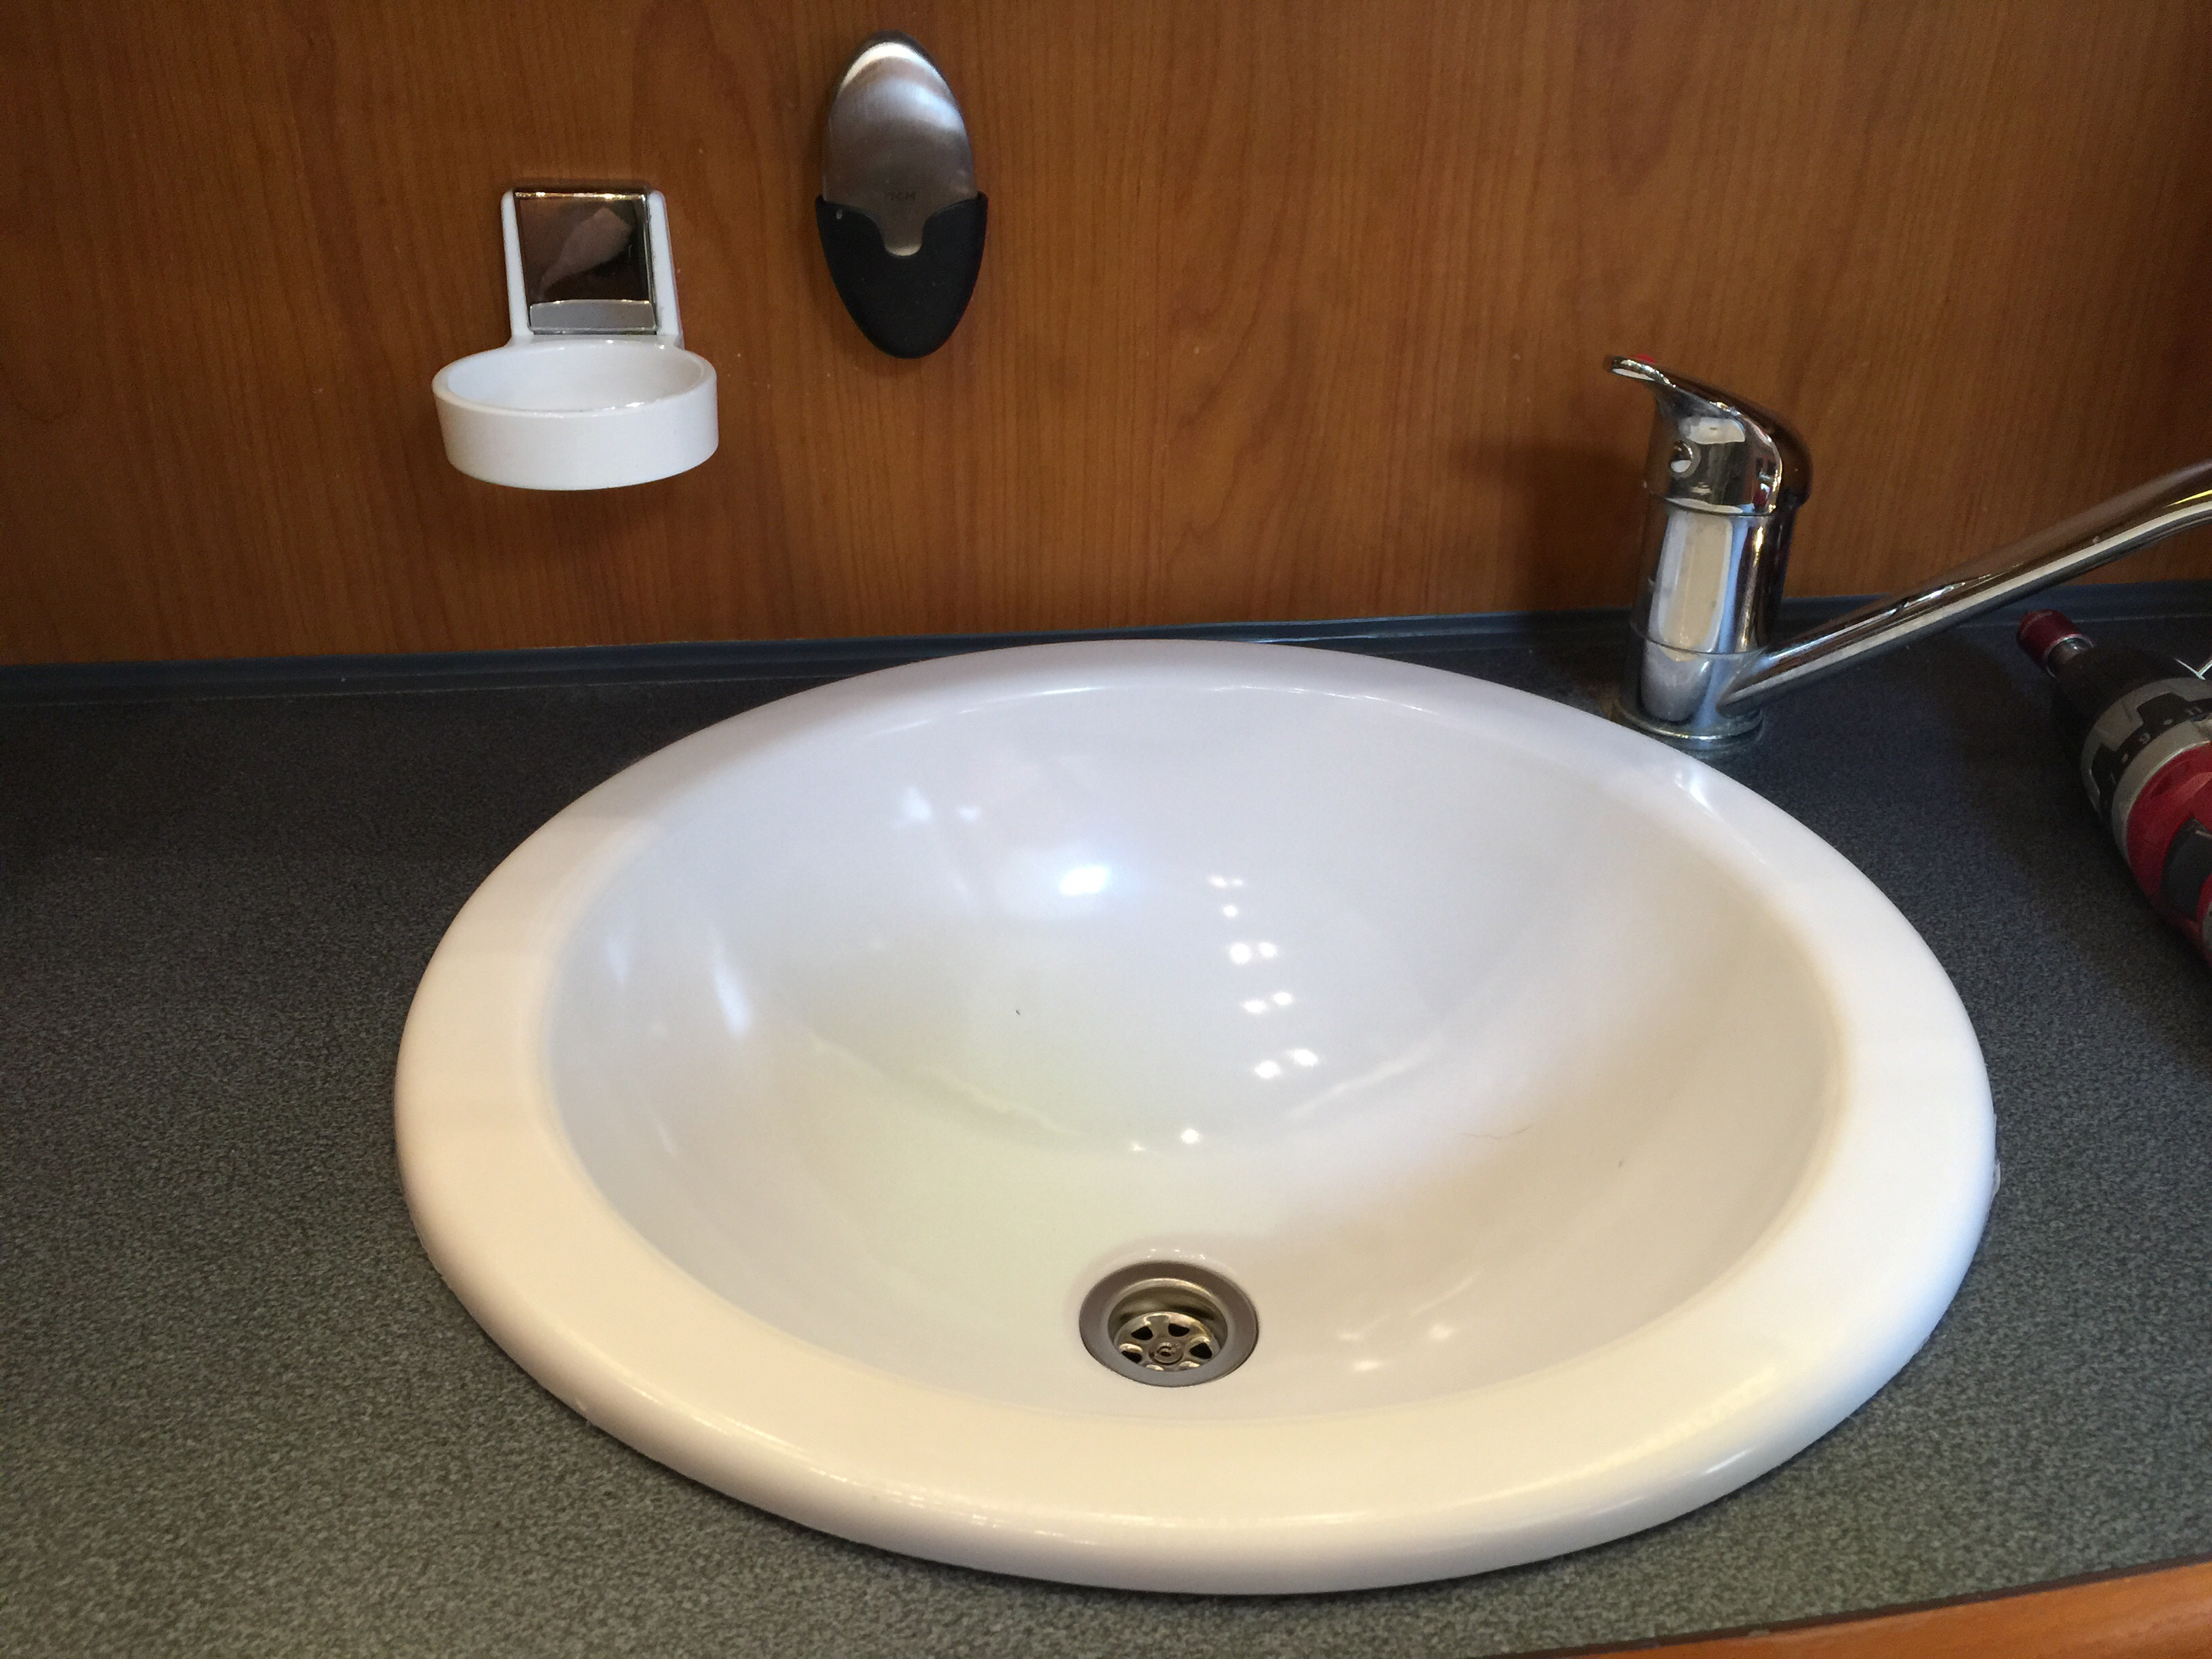 Waschbecken rund einbau  Beiträge | Wohnmobilreisen ….Zuhause auf Rädern !